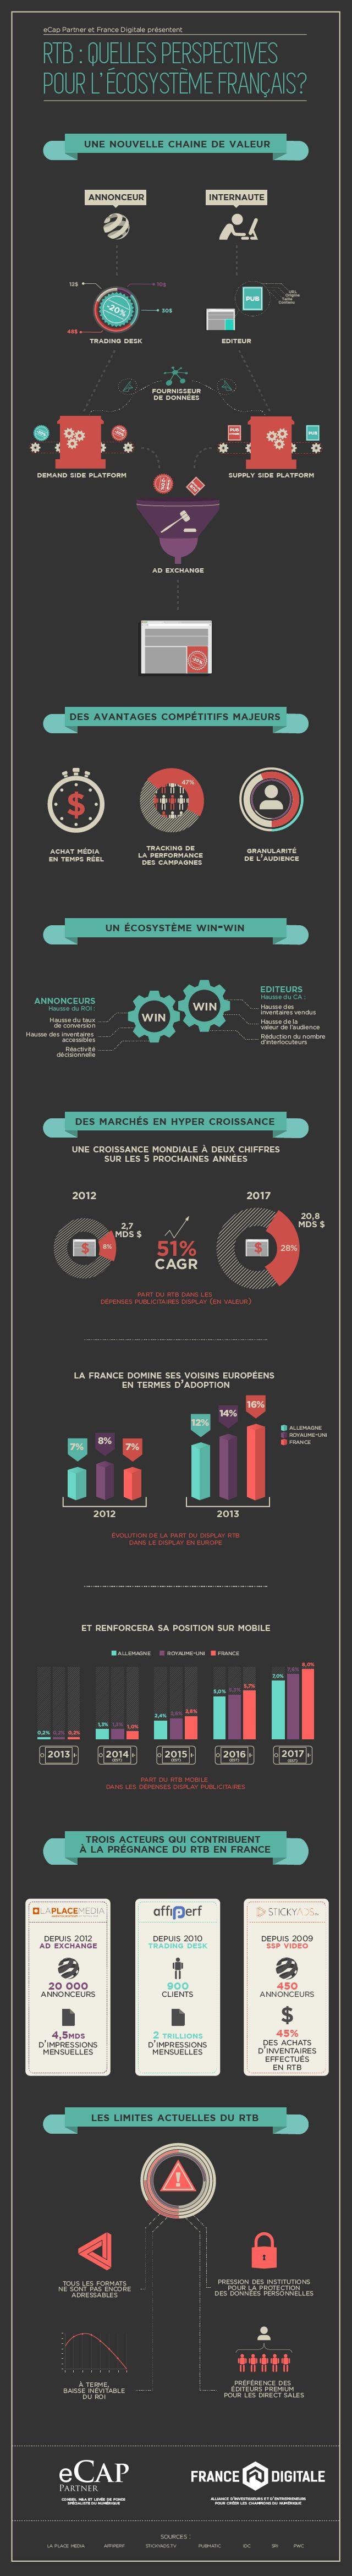 51 % de croissance mondiale entre 2012 et 2017 !  L'explosion du RTB n'est plus à démontrer. Mais qu'en est-il en France ? Comment se positionne le marché hexagonal et quelle position avons-nous sur l'échiquier mondial ?